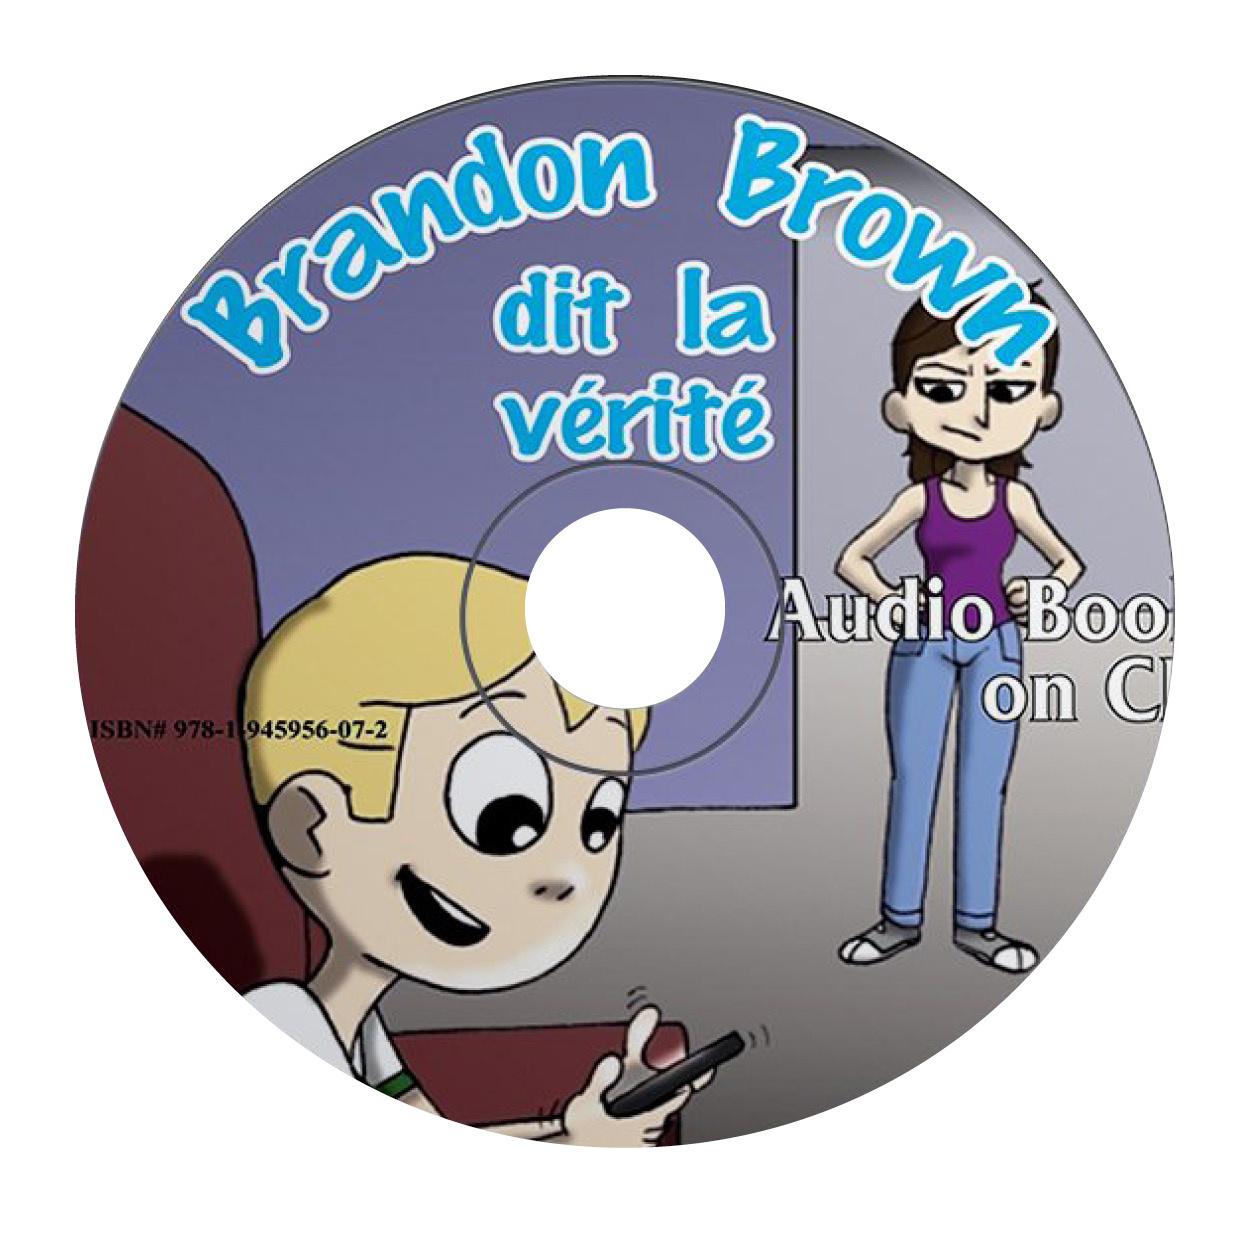 Brandon Brown dit la vérité - Luisterboek